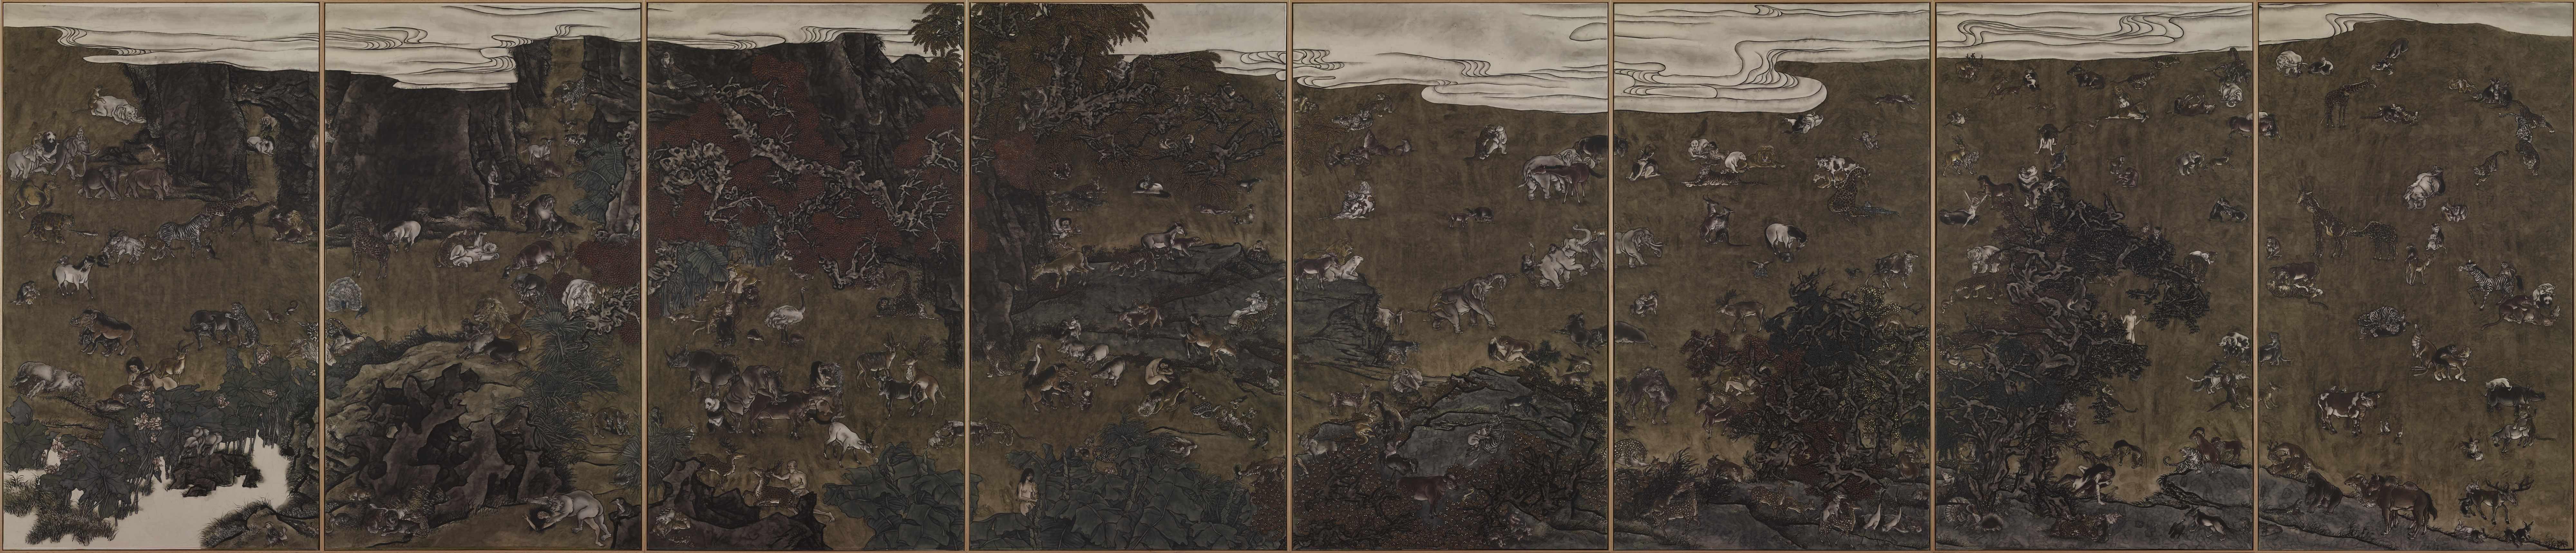 tableaux modernes jeanne bucher